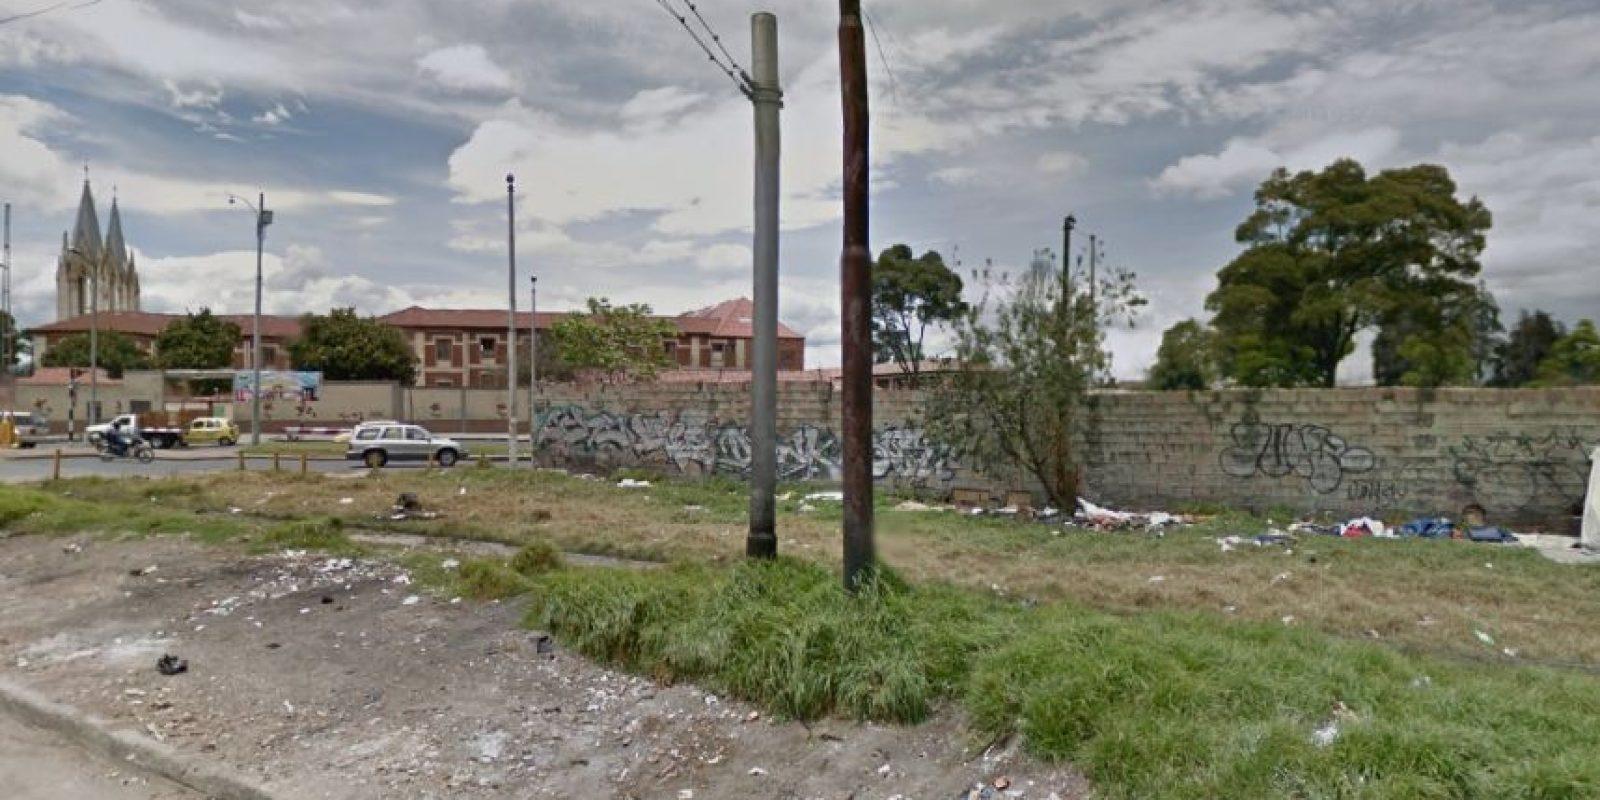 Muchos de los andenes de Bogotá se convirtieron en basureros. Foto:Captura de pantalla Google Street View